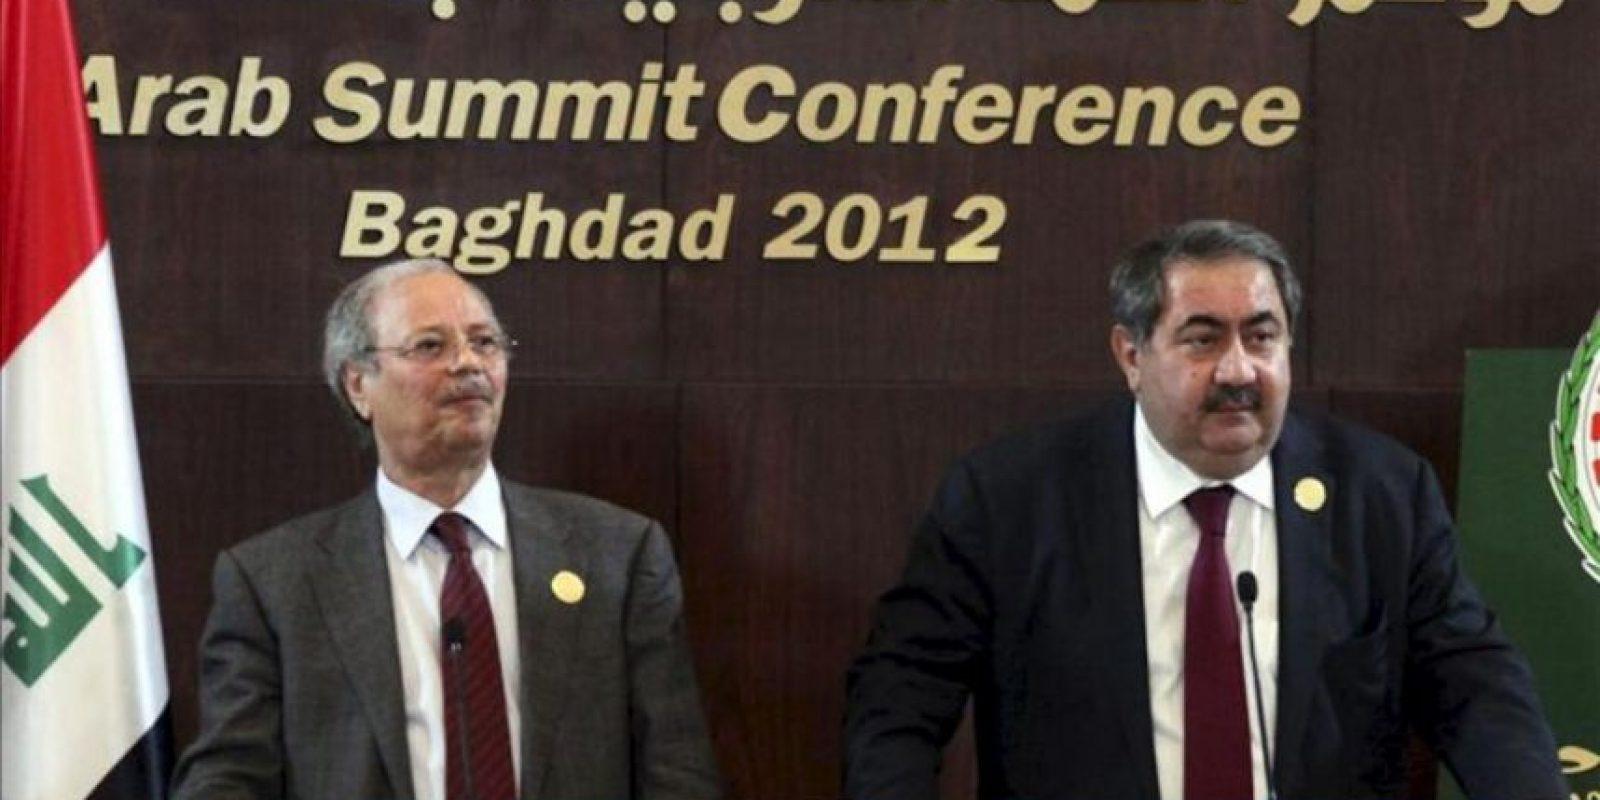 El vicesecretario general de la Liga Árabe, Ahmed Ben Heli (izda.), quien ha convocado la reunión de los grupos opositores sirios para mañana en El Cairo (Egipto) y el ministro iraquí de Exteriores, Hoshyar Zebari, quien asistirá como uno de los países (junto a Kuwait) que ejercen las presidencias de turno de la Cumbre del Consejo Ministerial de la Liga Árabe. EFE/Archivo